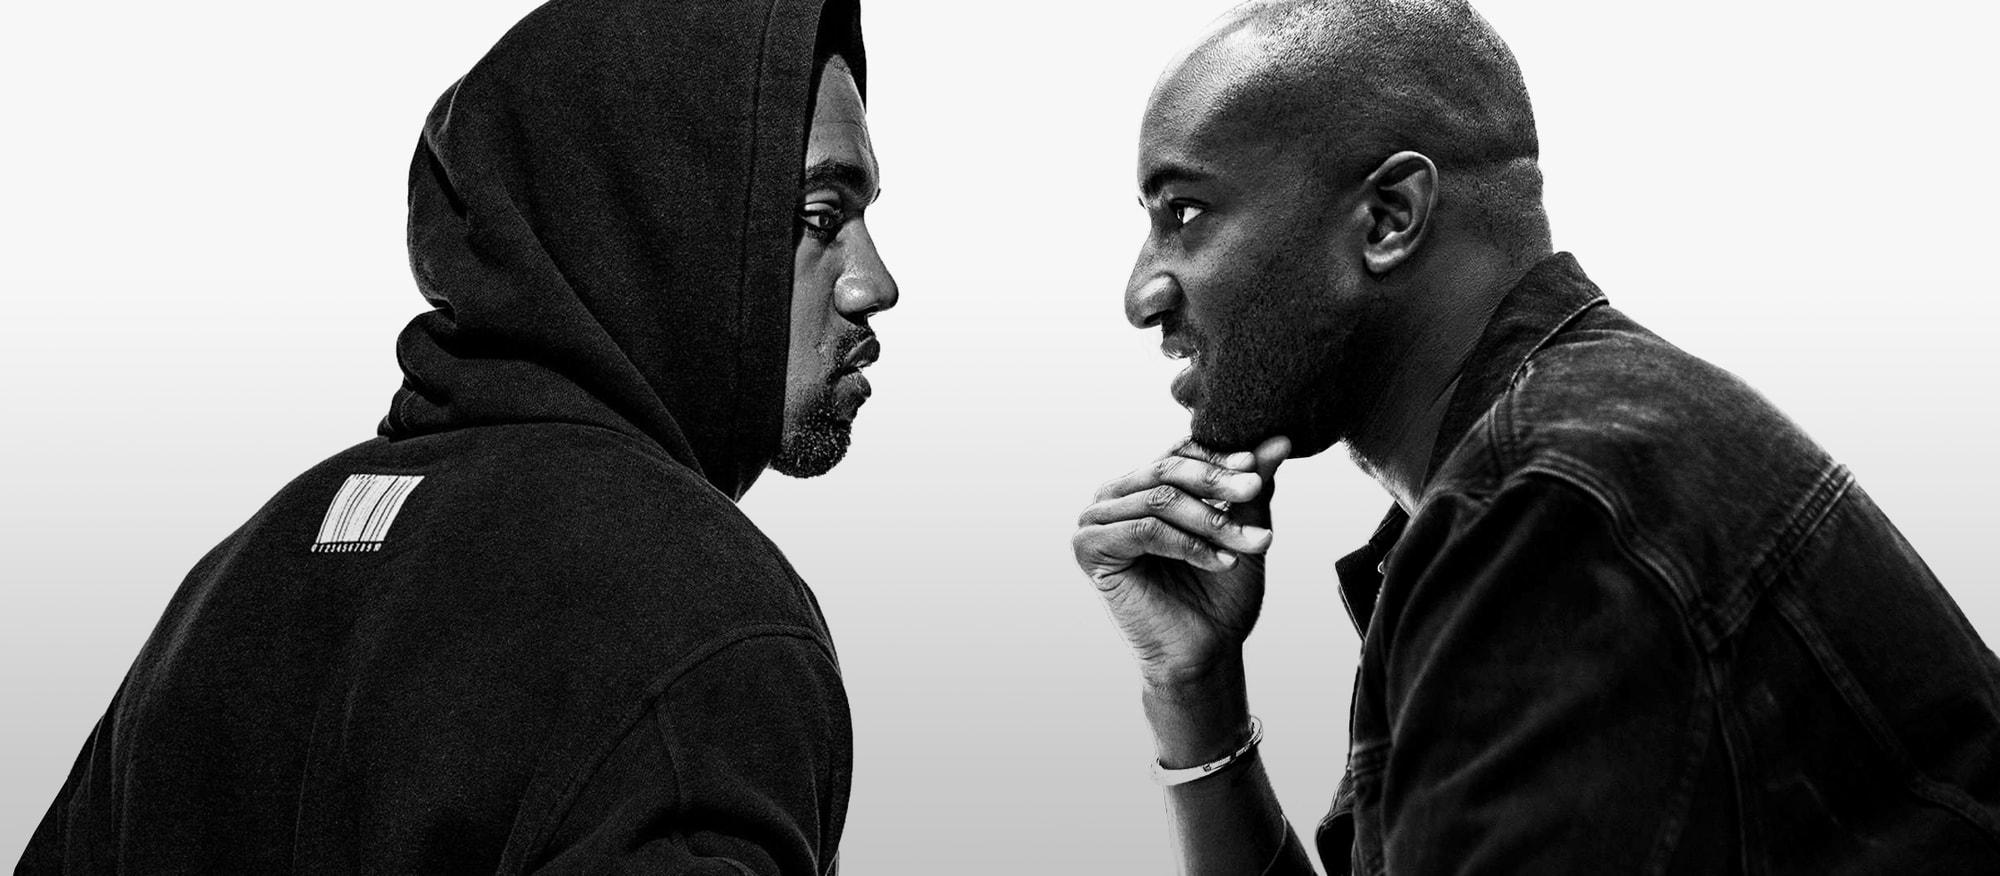 Kanye West Virgil Abloh YEEZY Off-White Nike Adidas